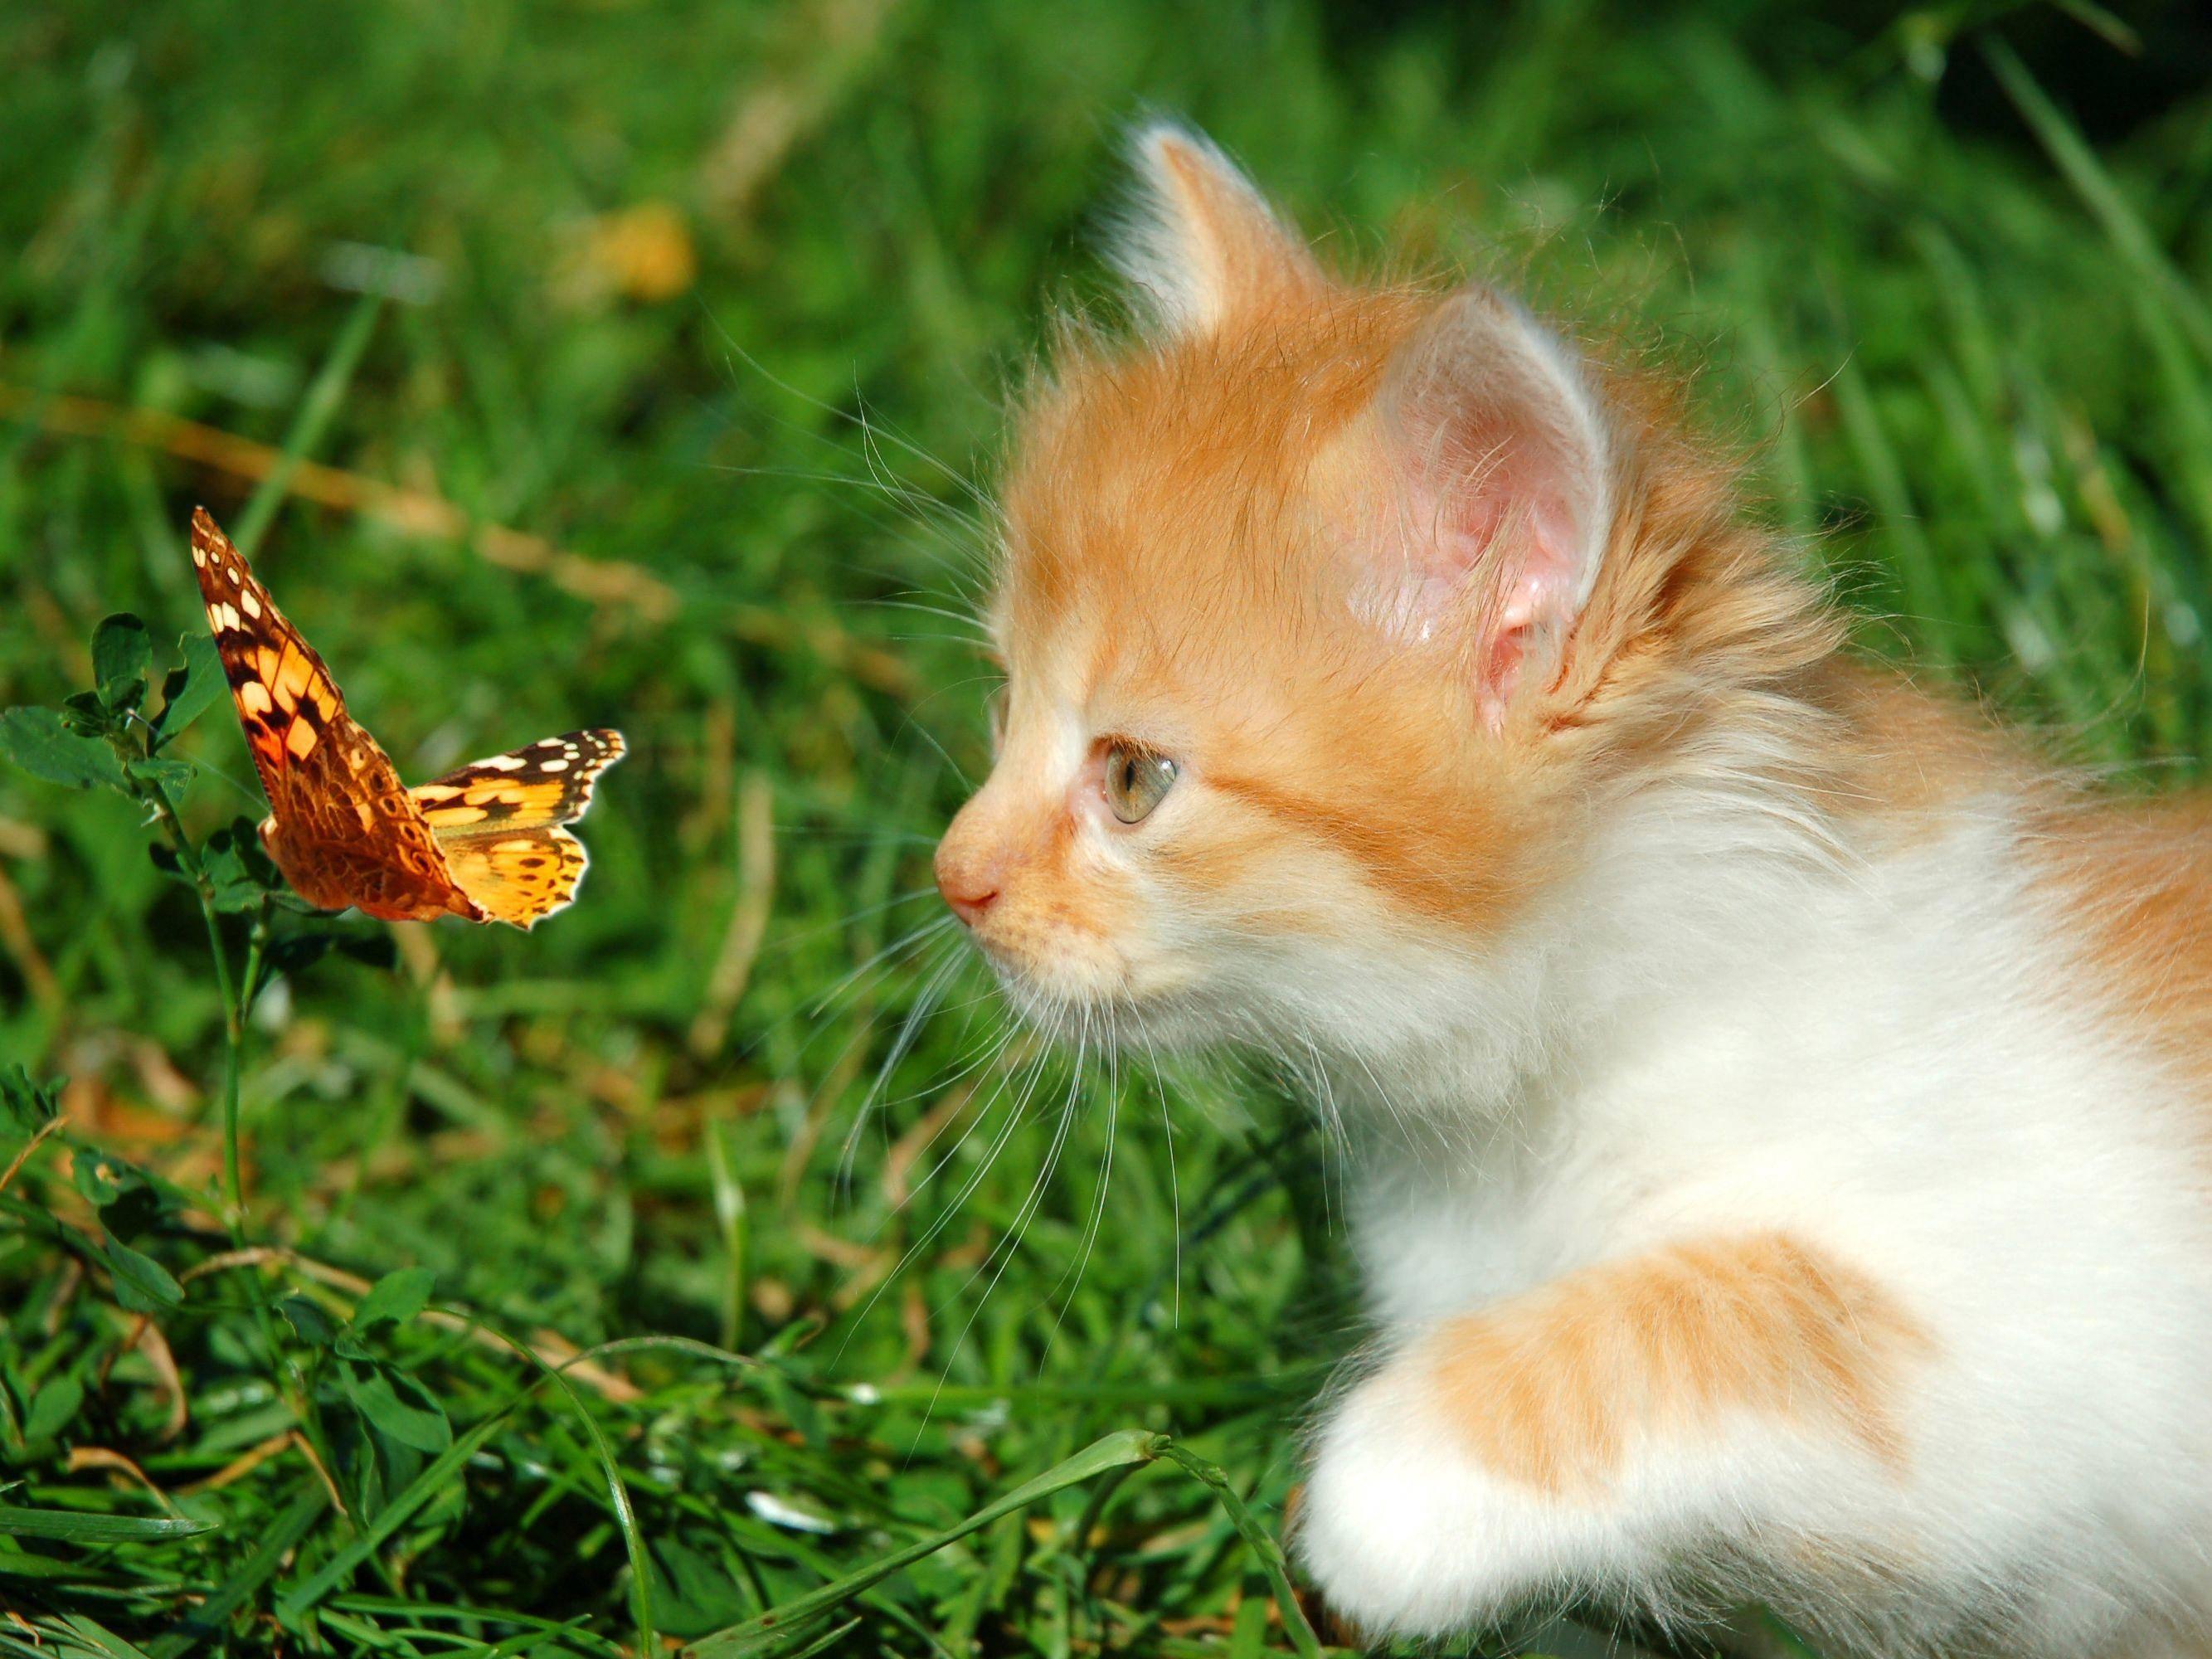 Platz 4: Entzückt hat euch auch dieses kleine Kätzchen auf Entdeckungstour. Resultat: Fast 3000 Likes! — Bild: Shutterstock / Nataliia Melnychuk